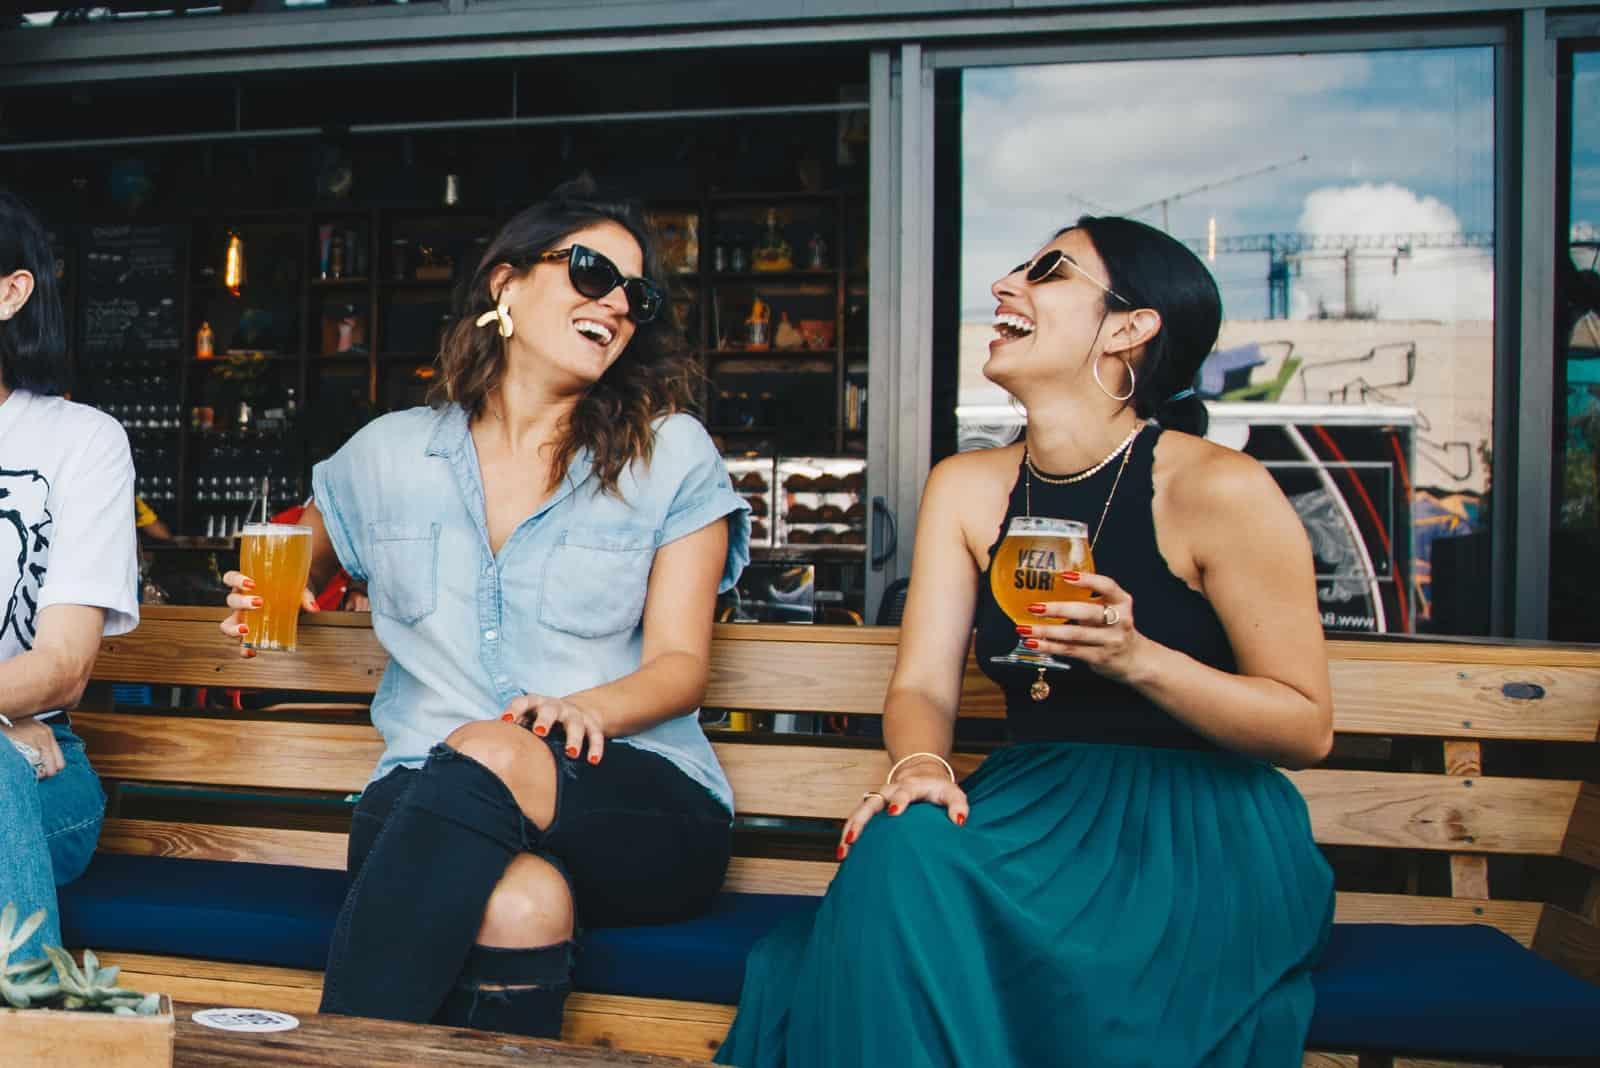 Deux femmes heureuses buvant de la bière assis sur un banc